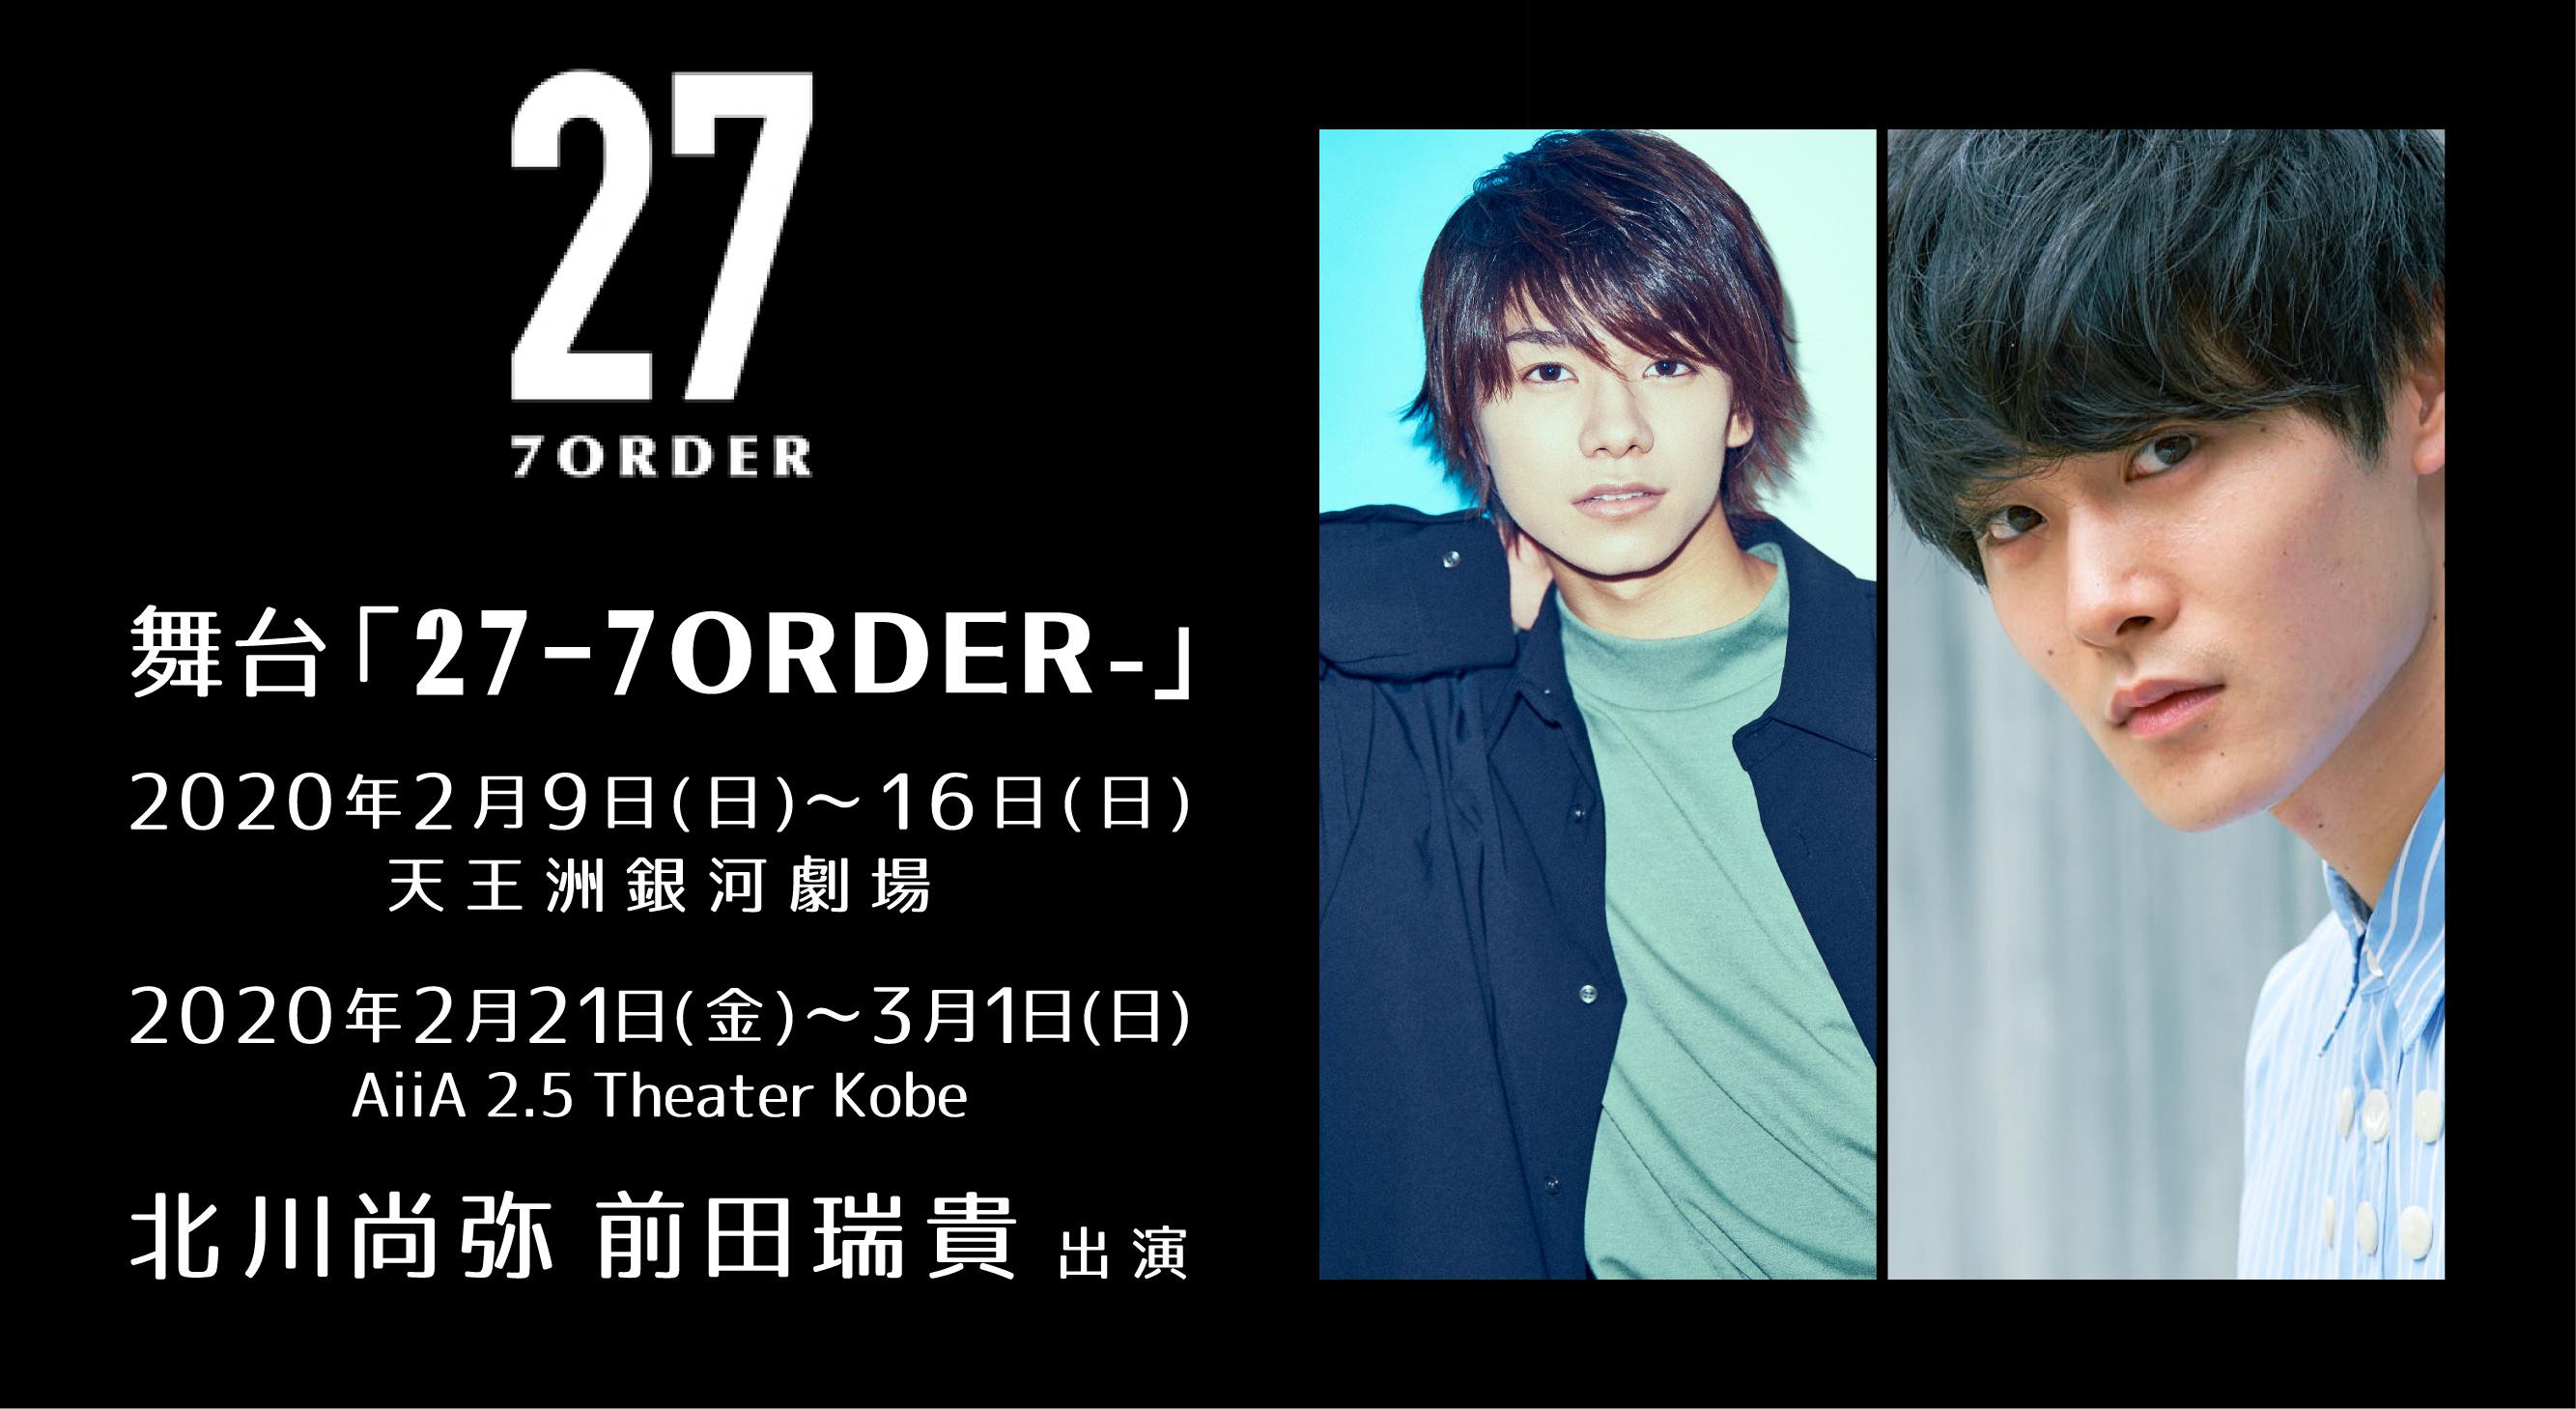 北川尚弥 前田瑞貴 出演 舞台「27 -7ORDER-」